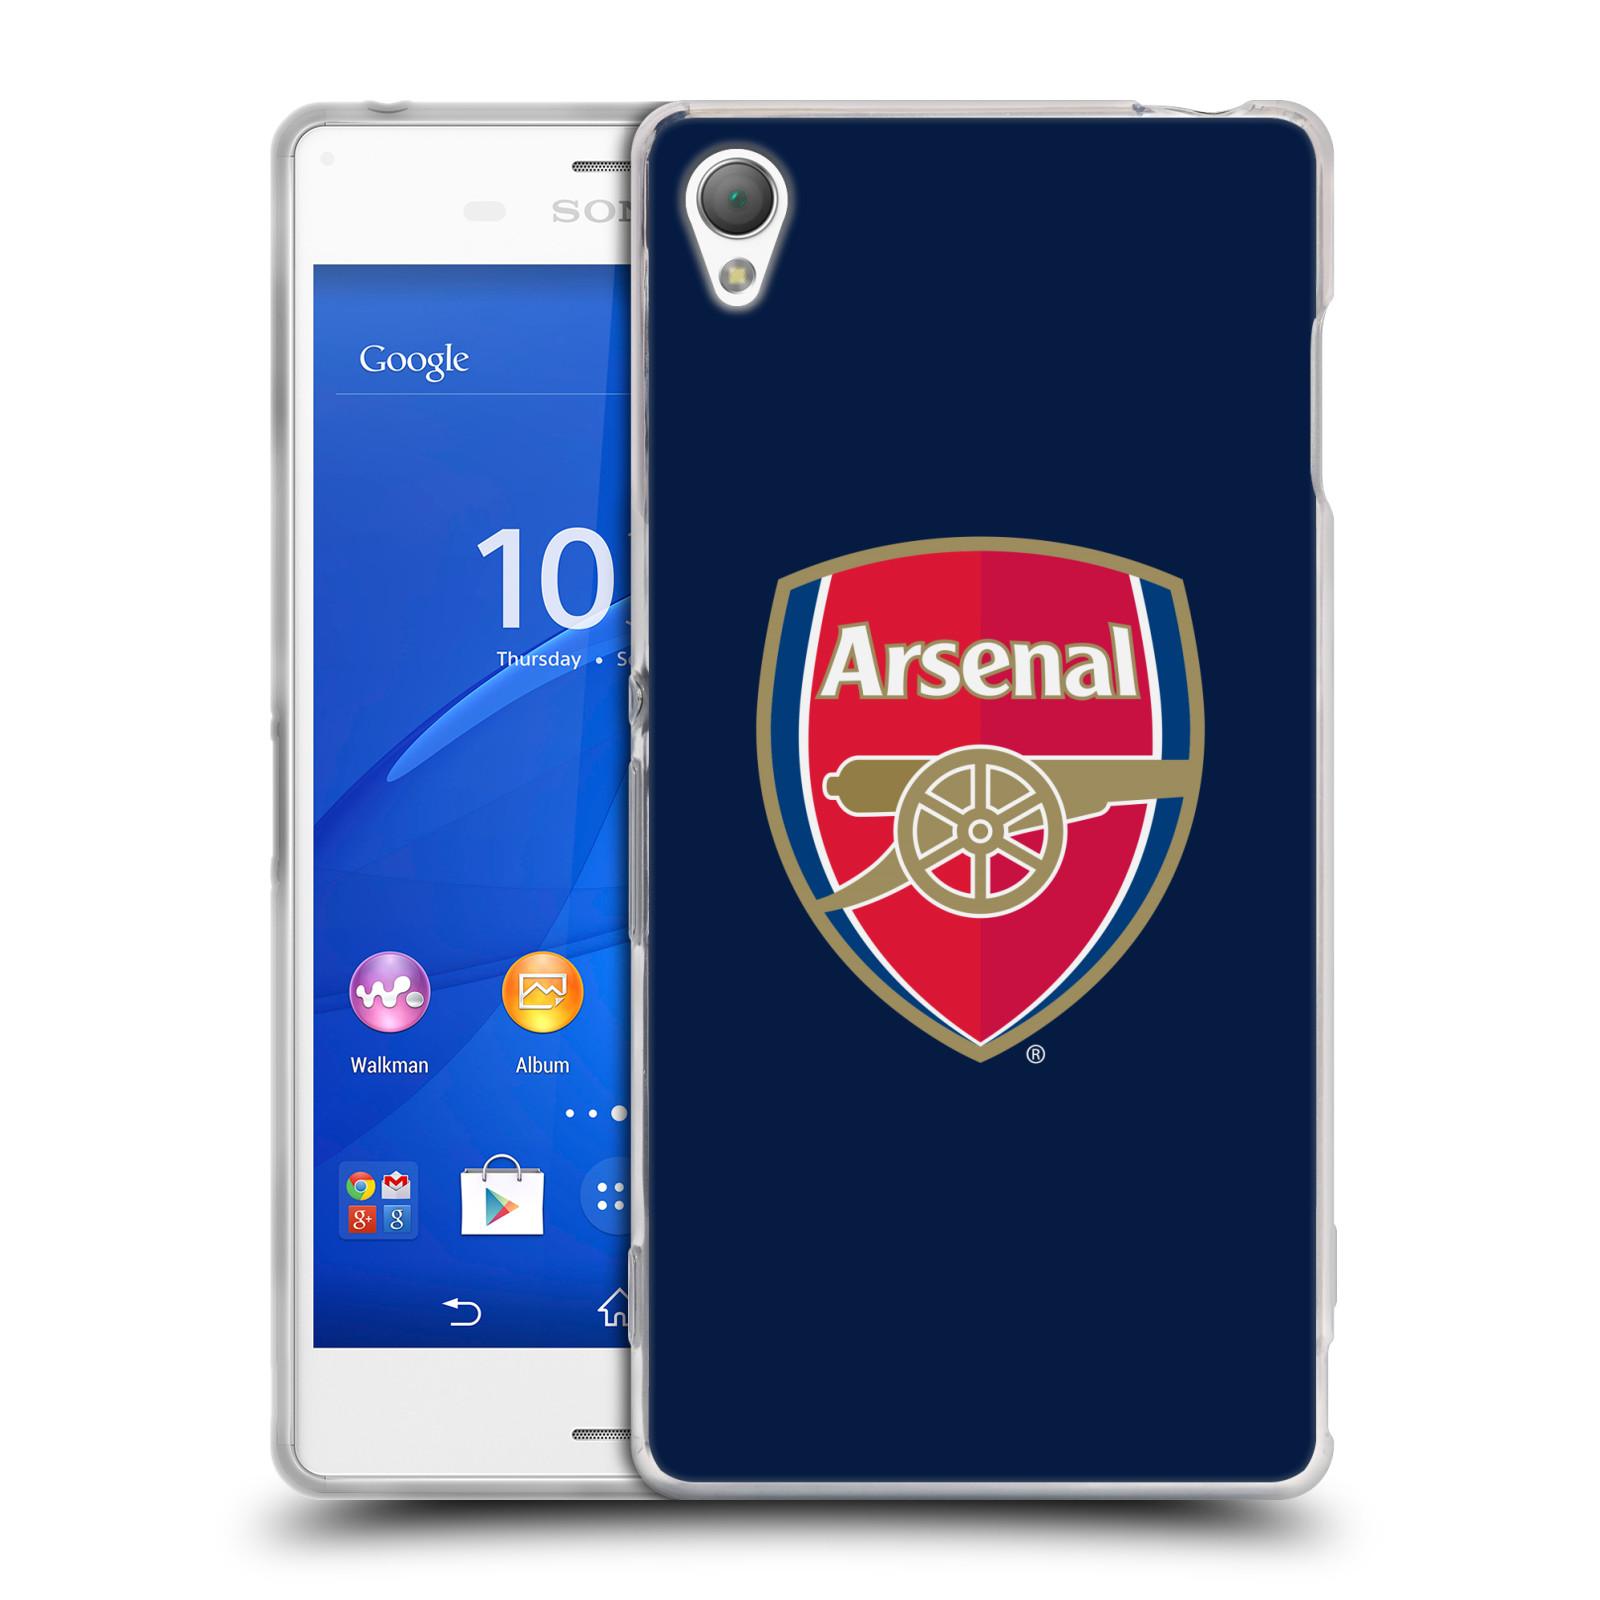 HEAD CASE silikonový obal na mobil Sony Xperia Z3 Fotbalový klub Arsenal znak barevný modré pozadí